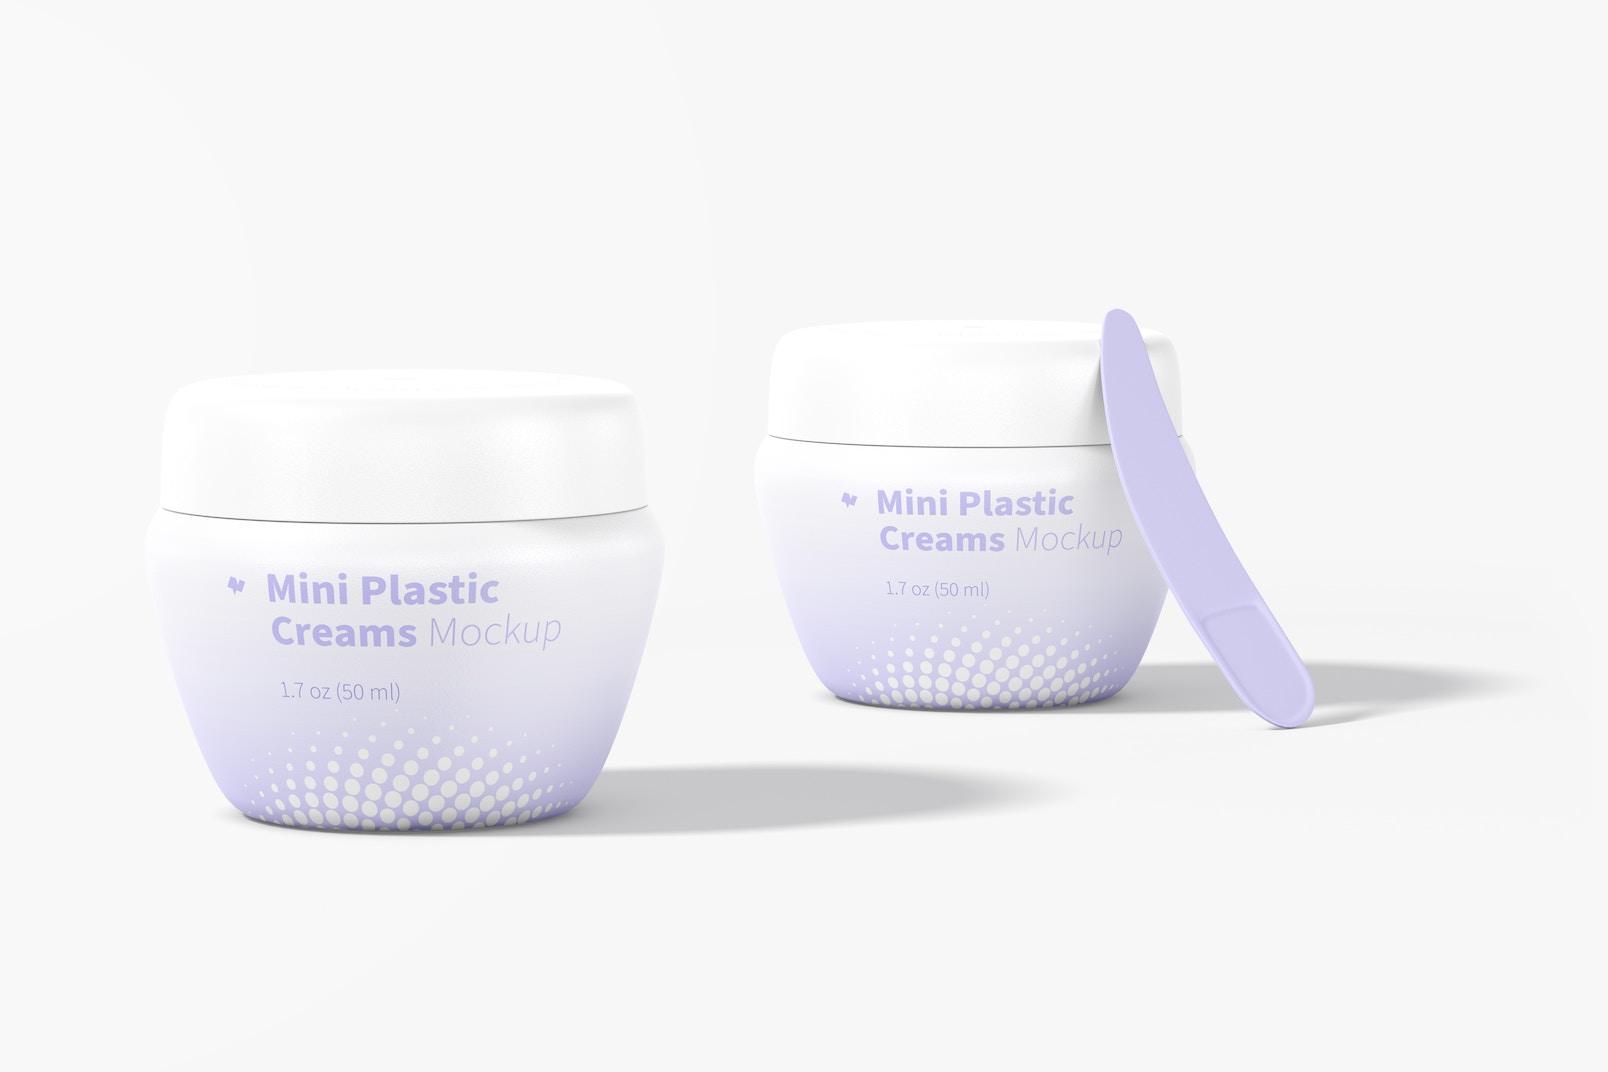 Mini Plastic Cream Jars with Lid Mockup